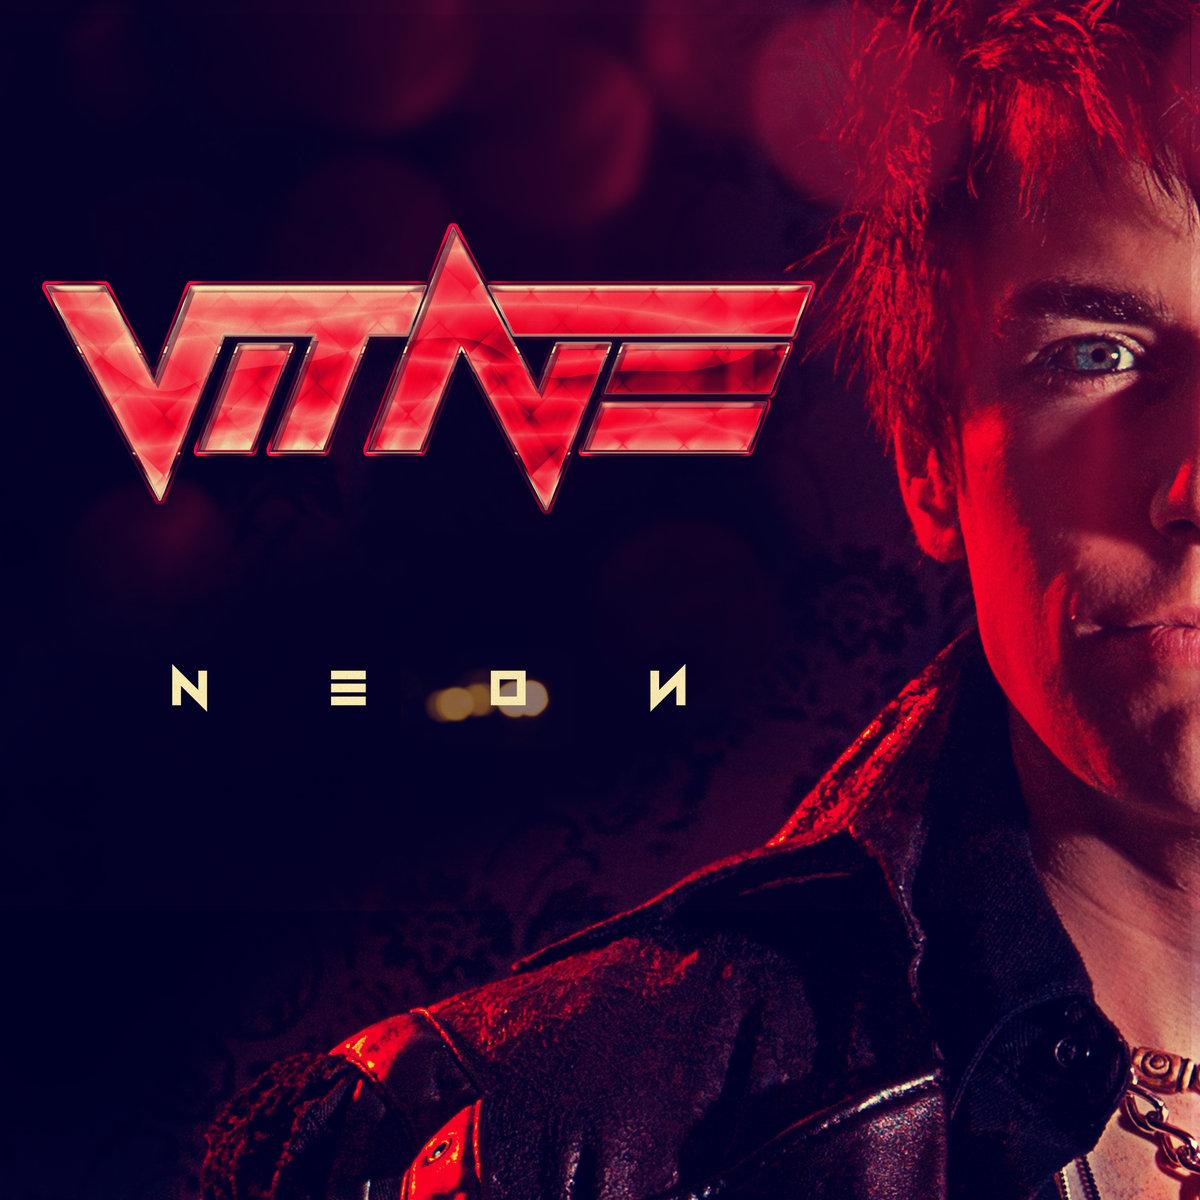 VITNE Neon Album Digital